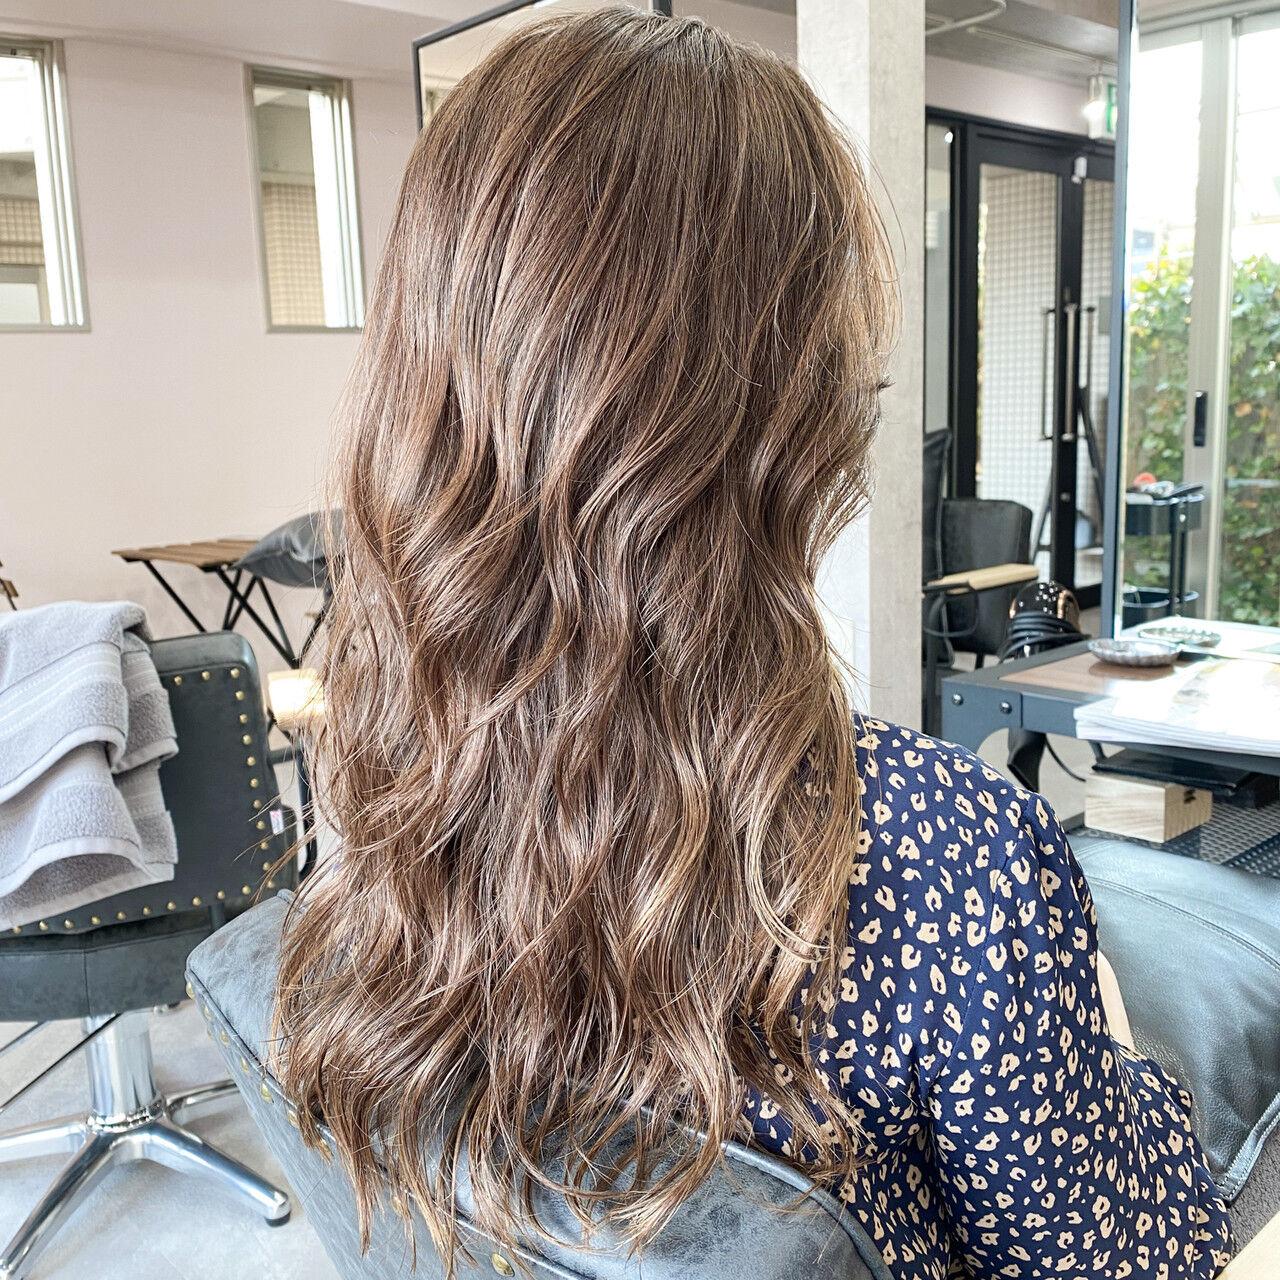 ミルクティーグレージュ バレイヤージュ ミルクグレージュ インナーカラーヘアスタイルや髪型の写真・画像